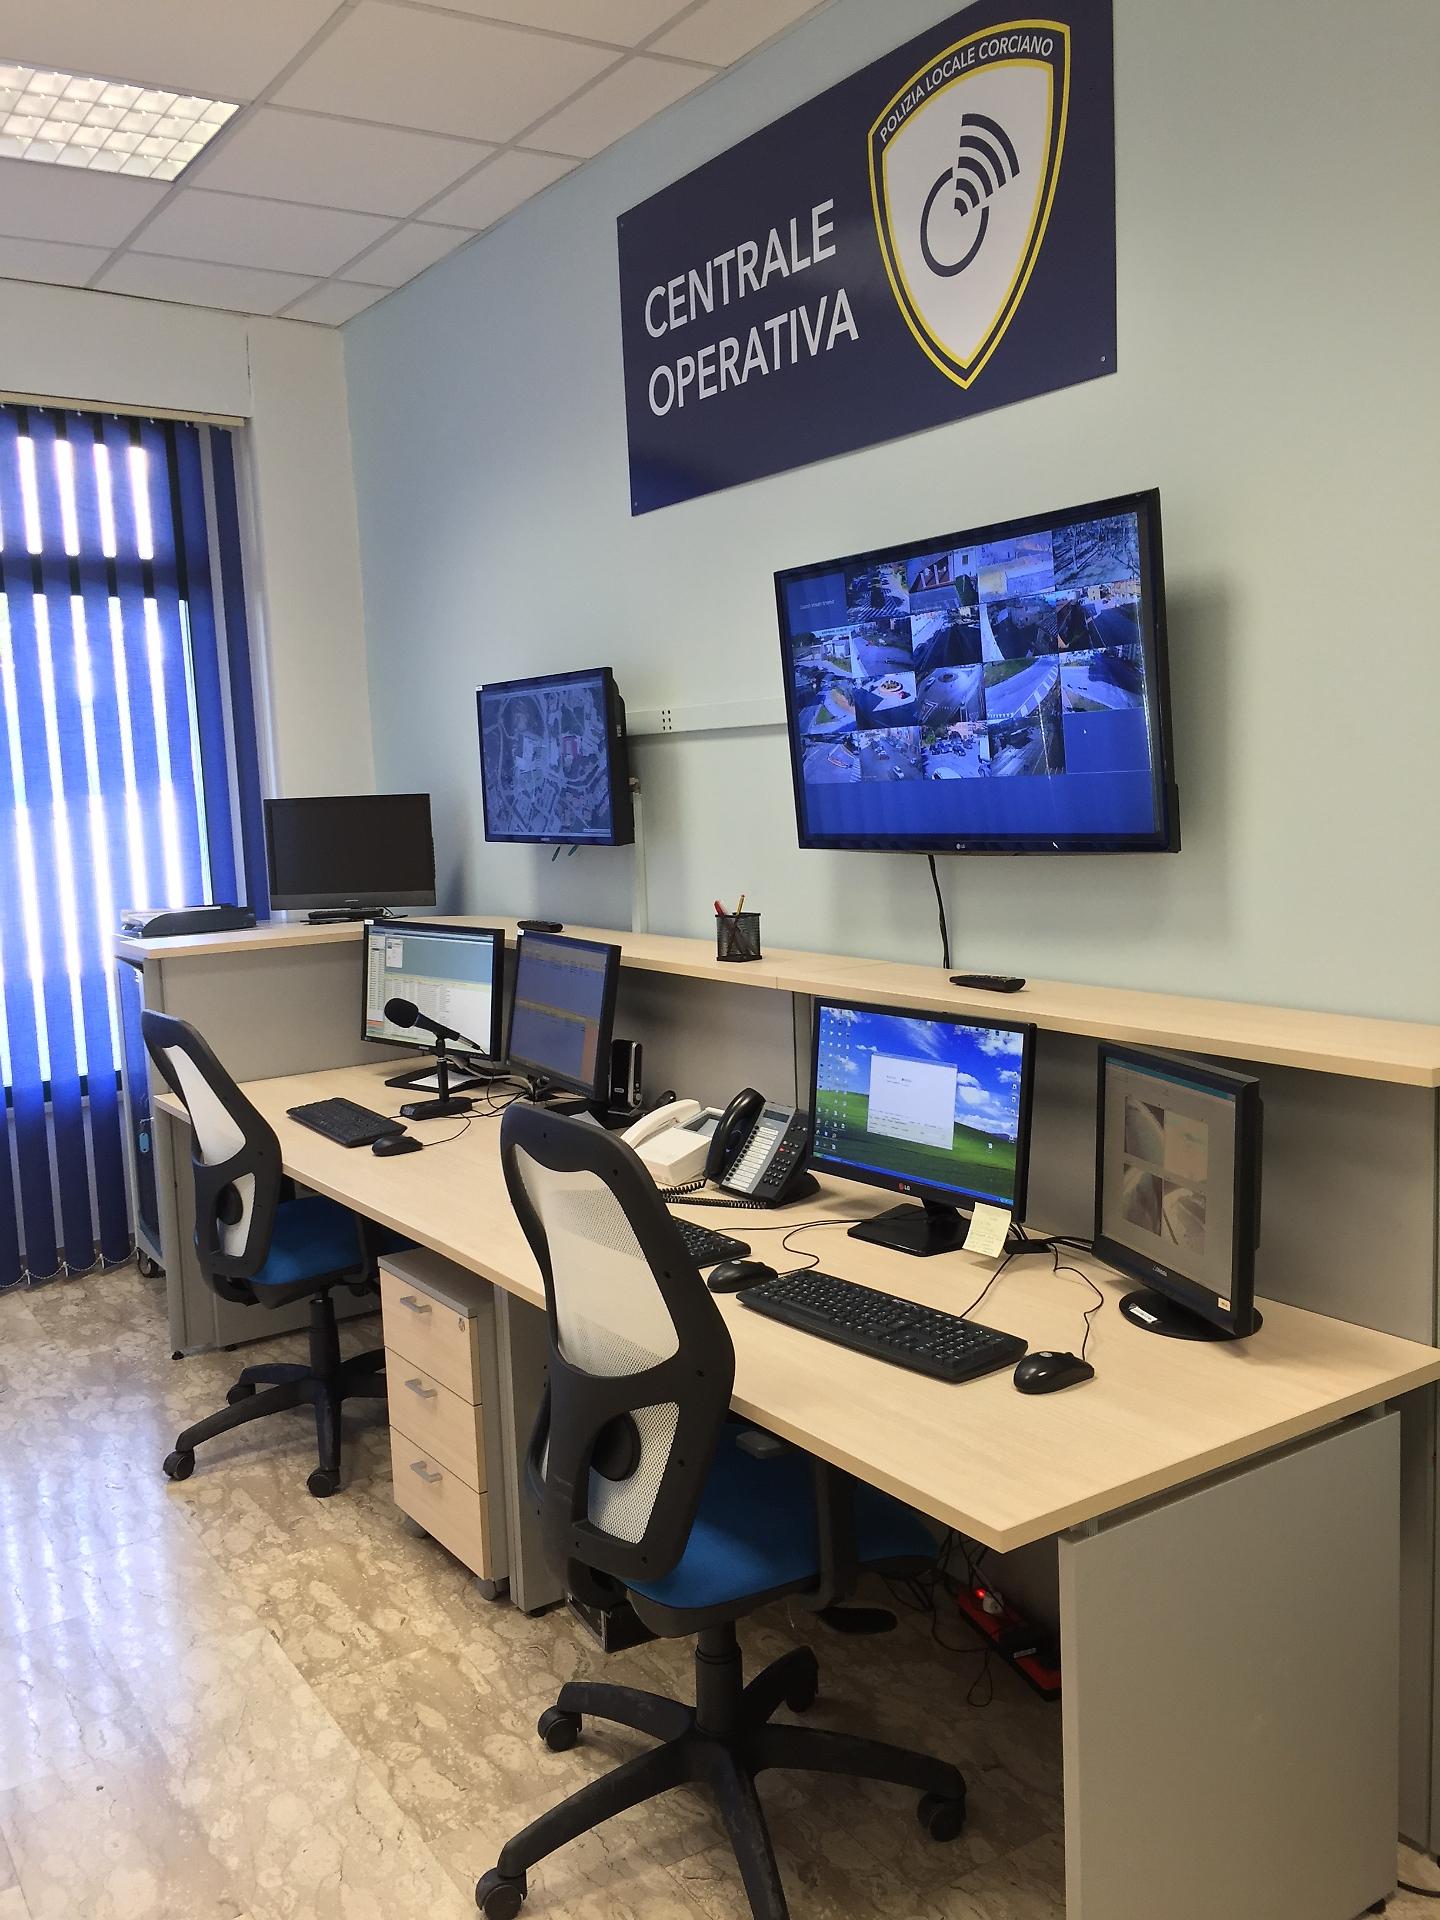 Polizia municipale, nuova centrale operativa - Corriere ...